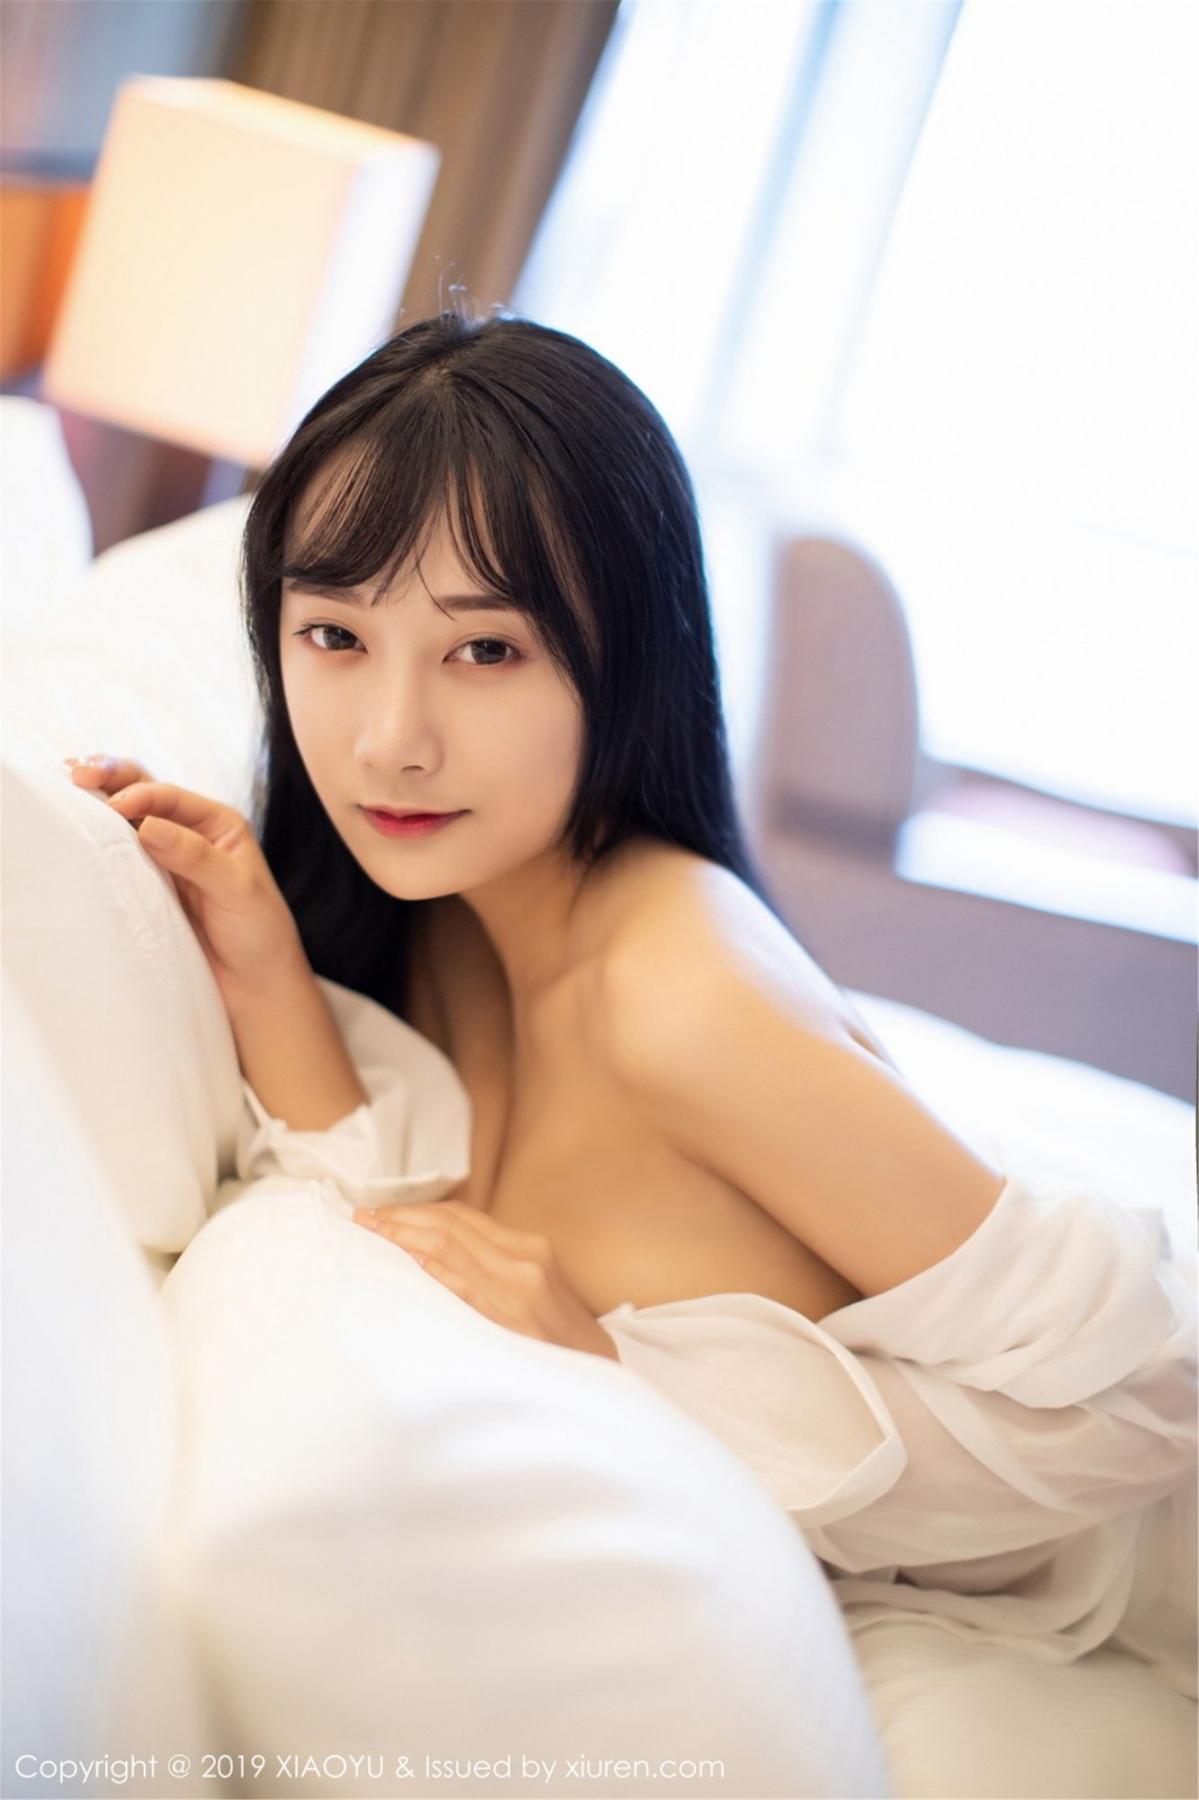 [XiaoYu] Vol.076 He Jia Ying 35P, He Jia Ying, Underwear, XiaoYu